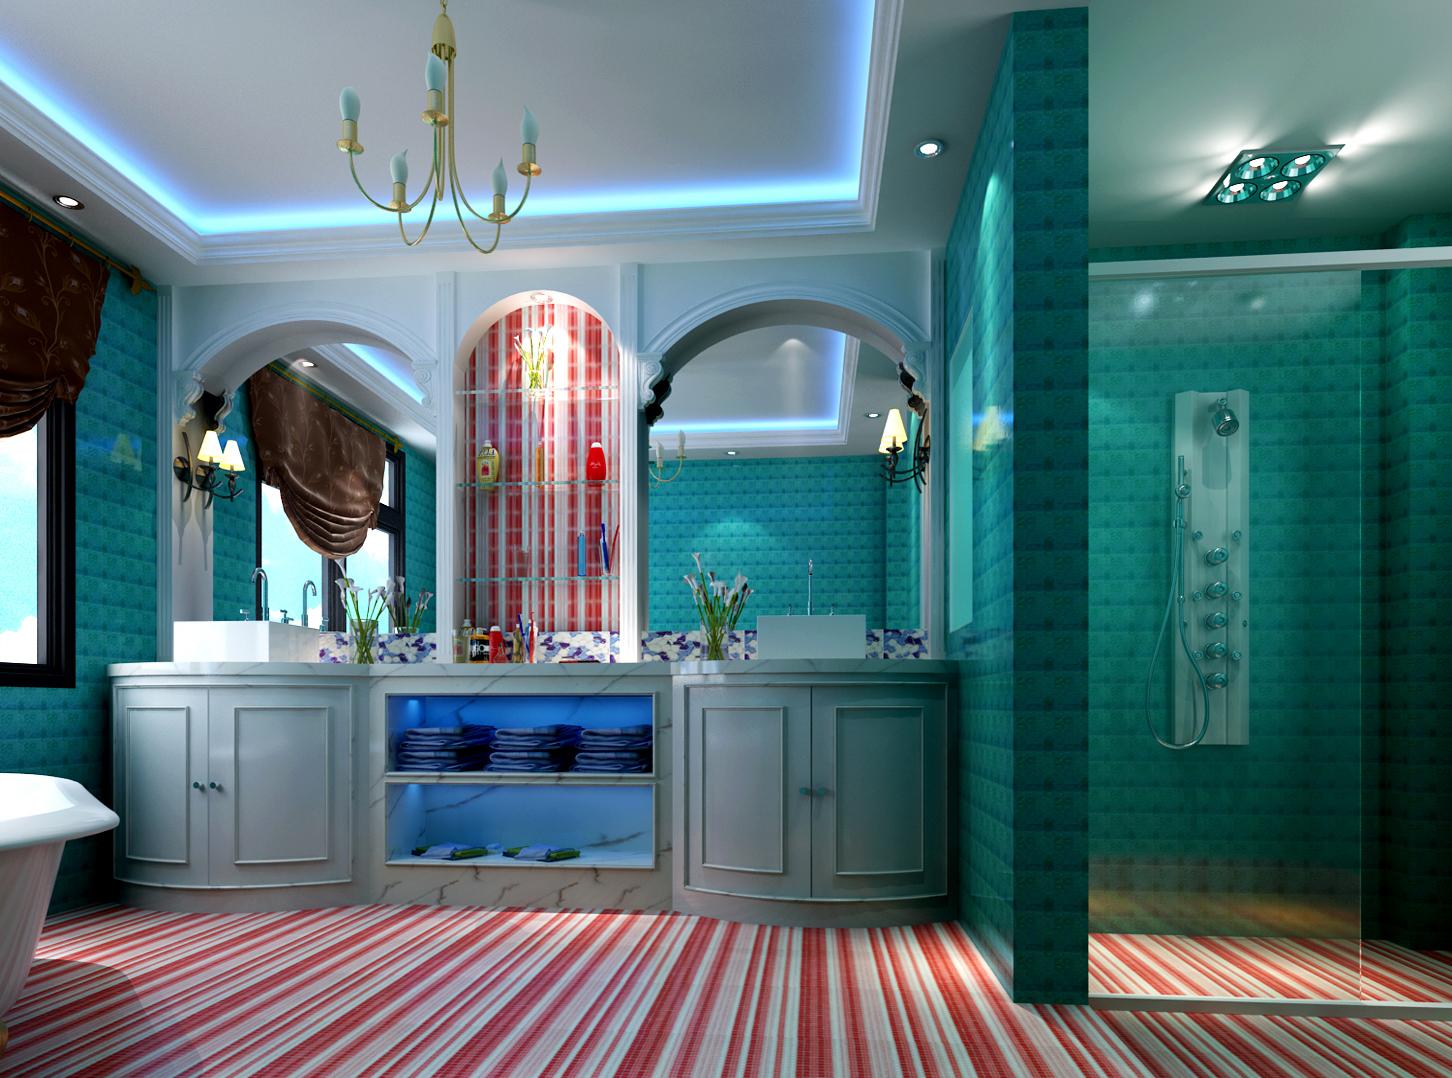 高度国际 欧式 别墅 卫生间图片来自高度国际在32w打造奢华欧式风天竺新新家园的分享